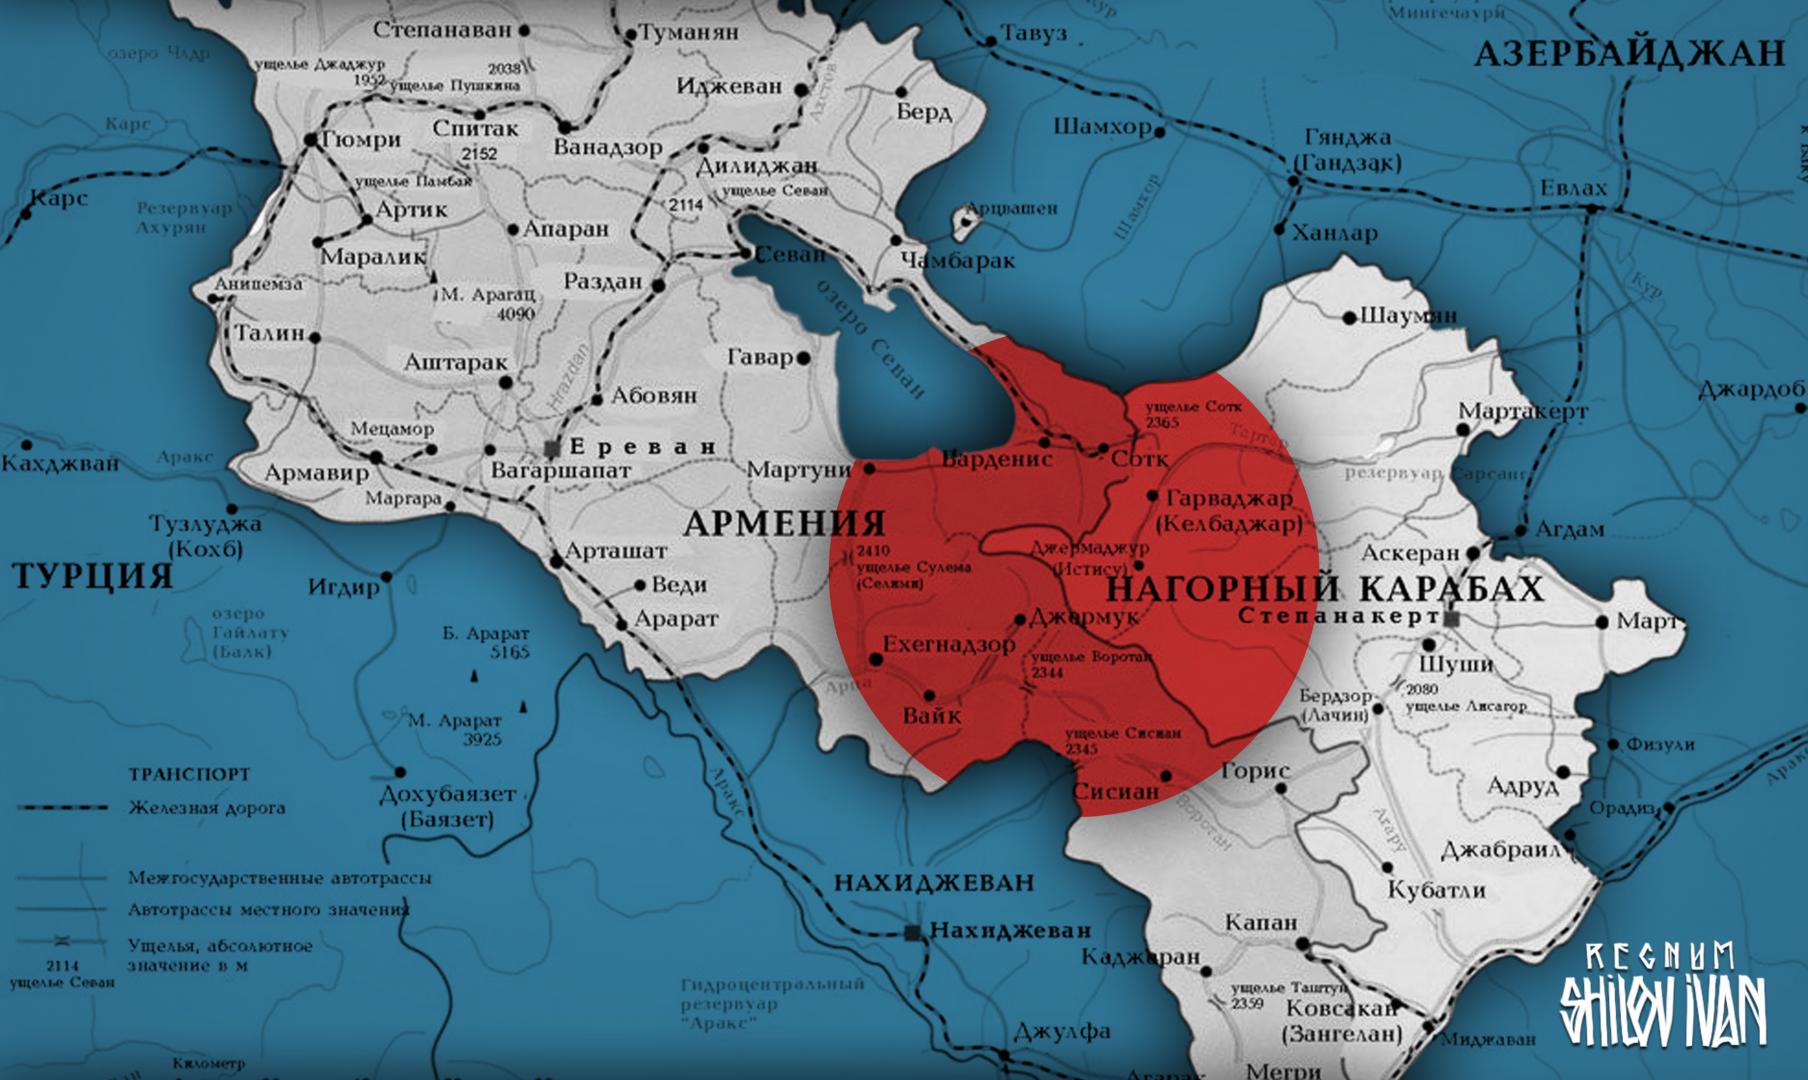 Нагорный Карабах. Зона конфликта